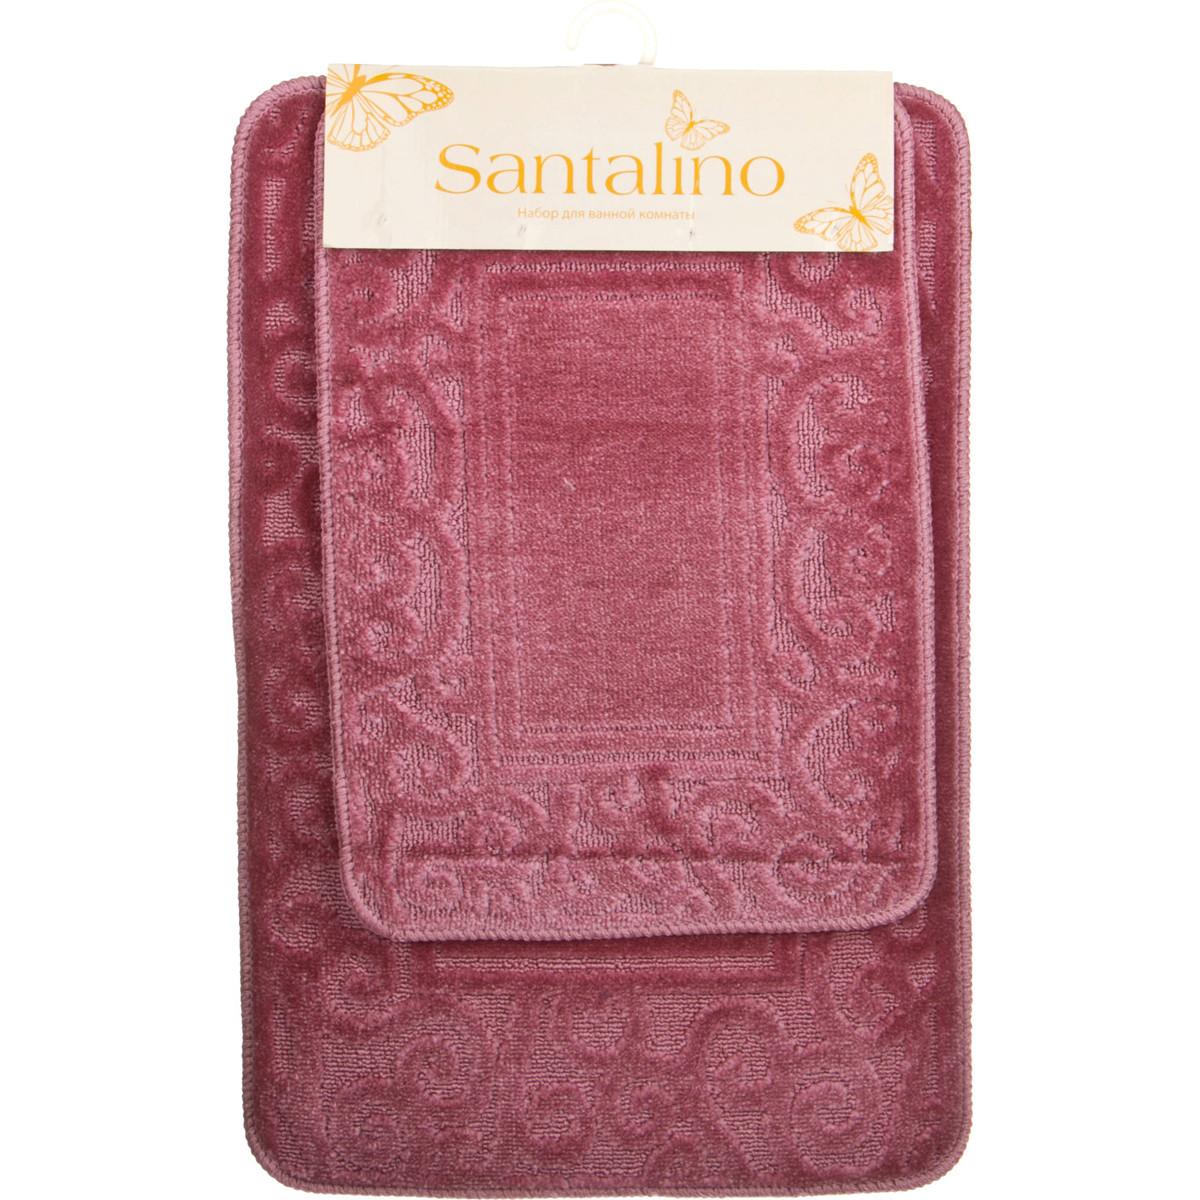 Аксессуары для ванной и туалета Santalino Коврик для ванной Vivien  (40х60 см,50х80 см) коврик для ванной арти м 50х80 см розанна